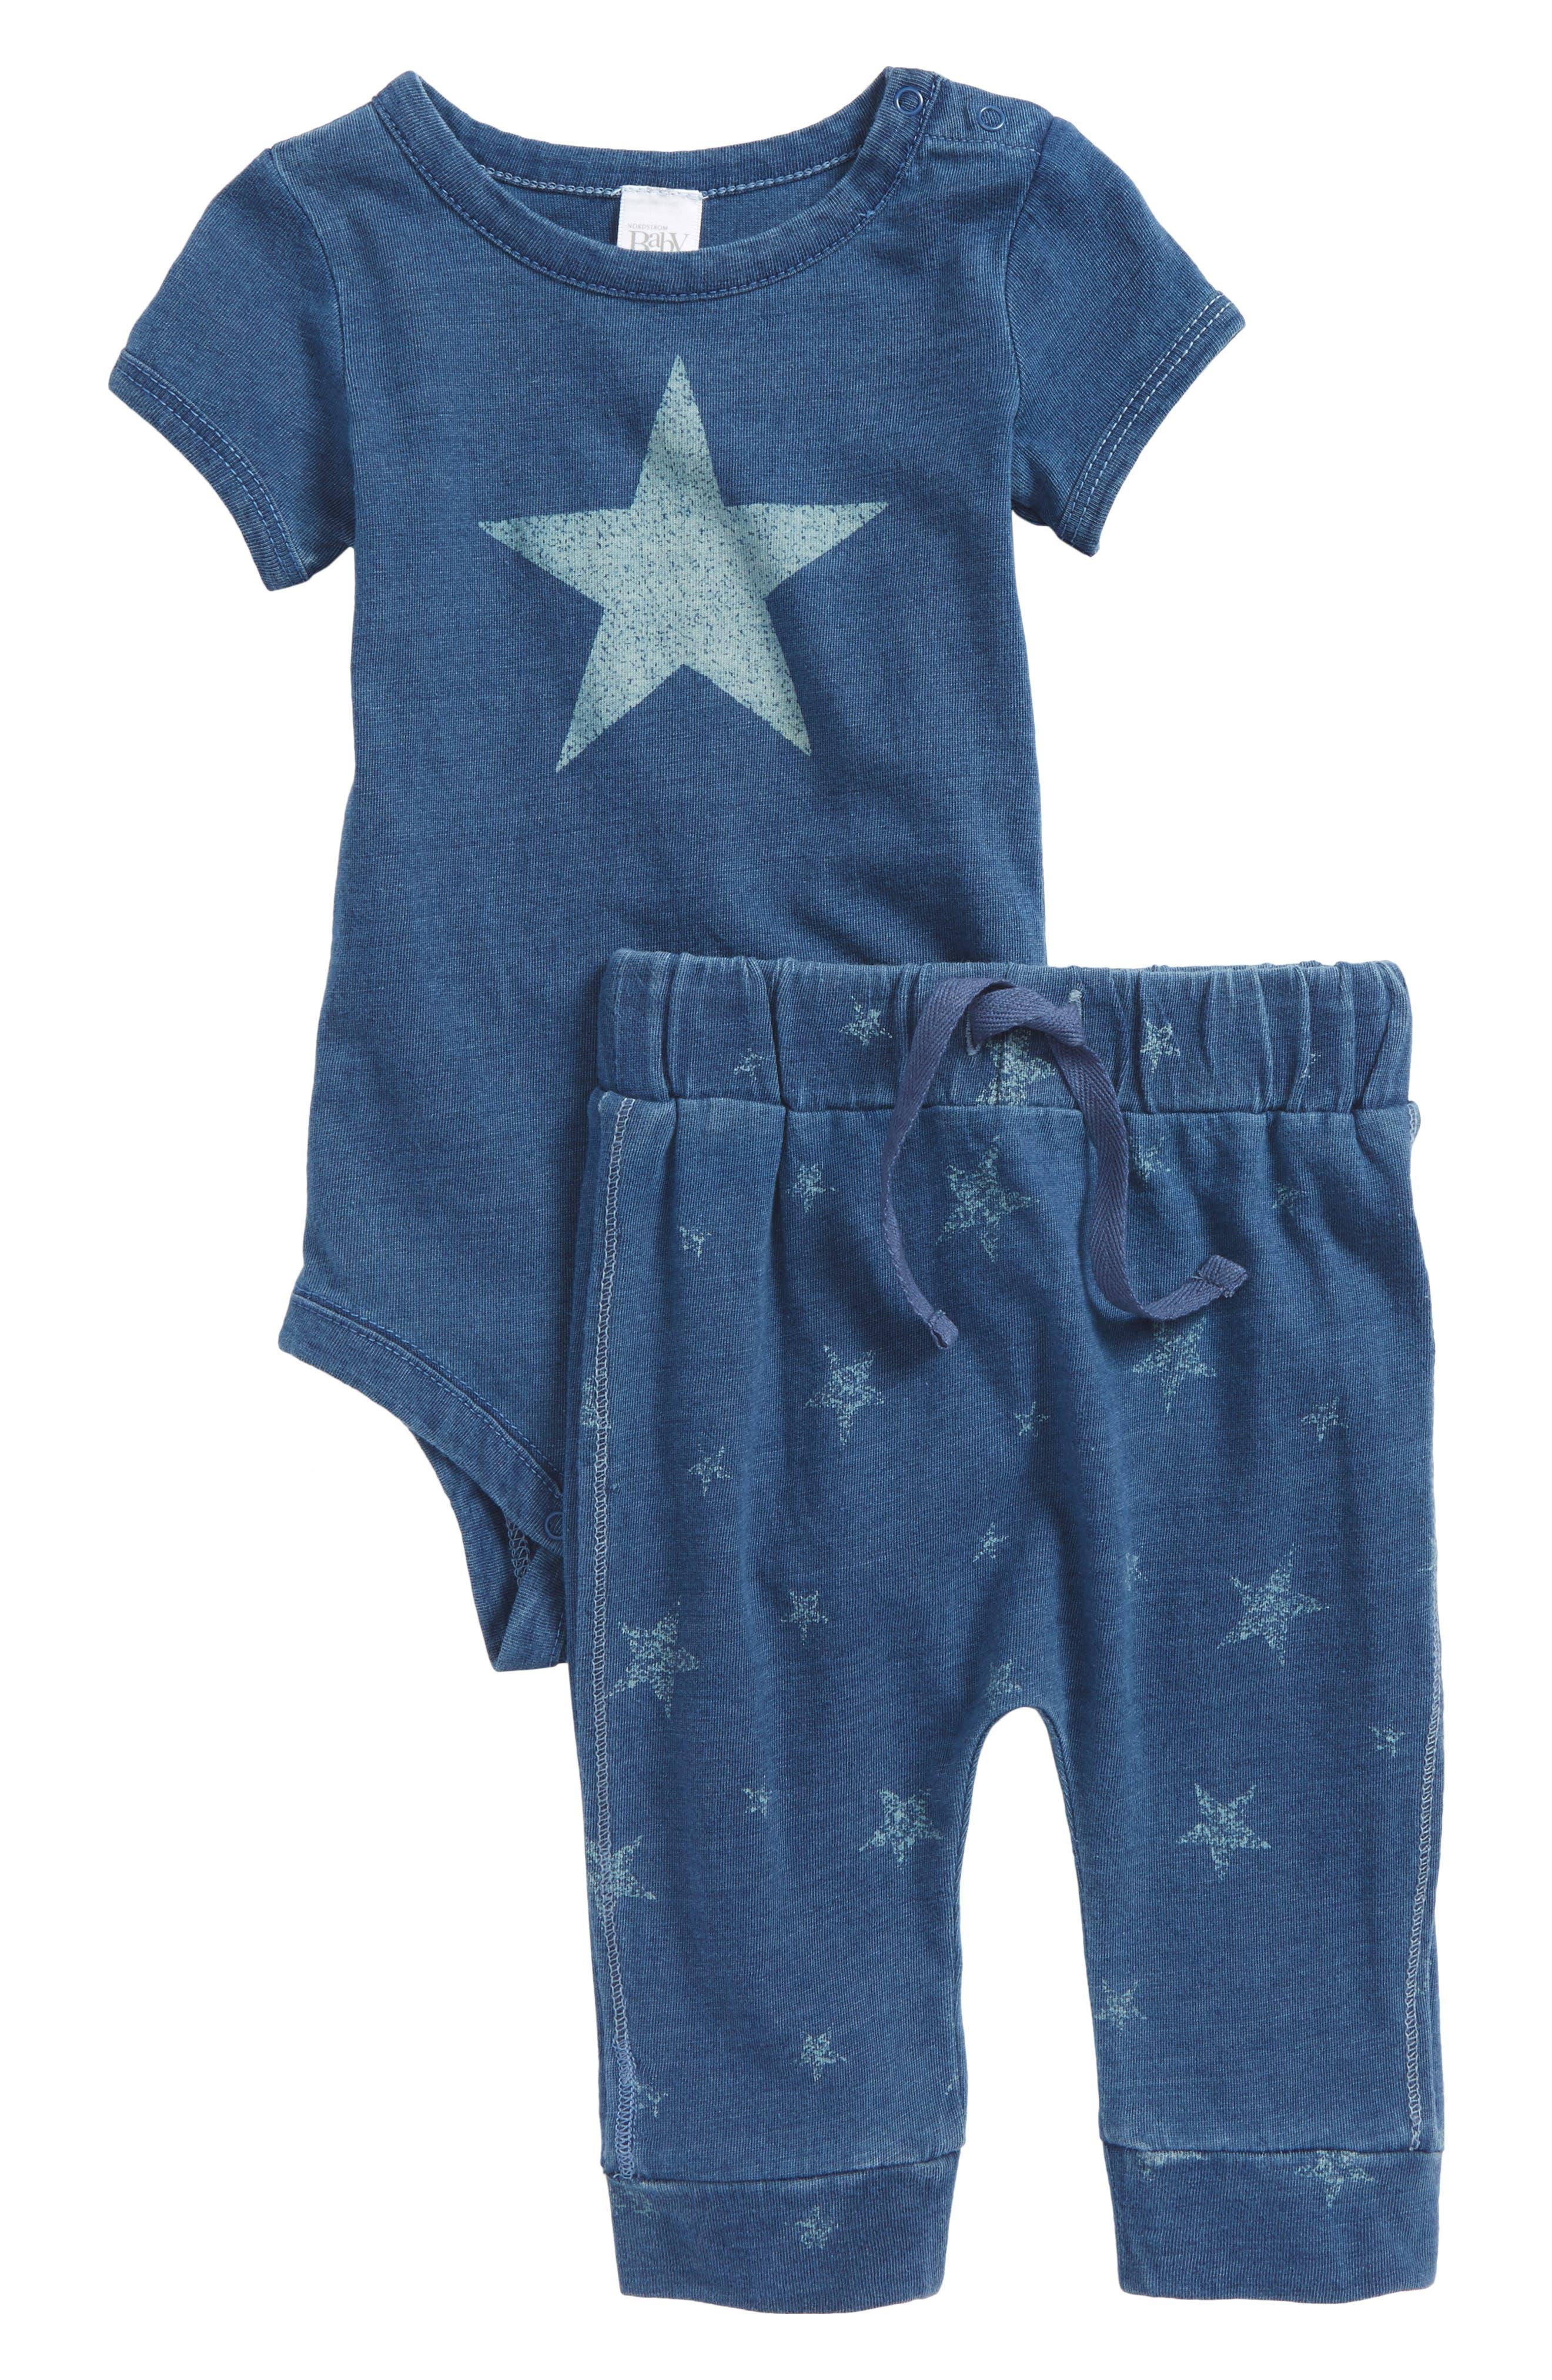 Star Bodysuit & Pants Set,                             Main thumbnail 1, color,                             401